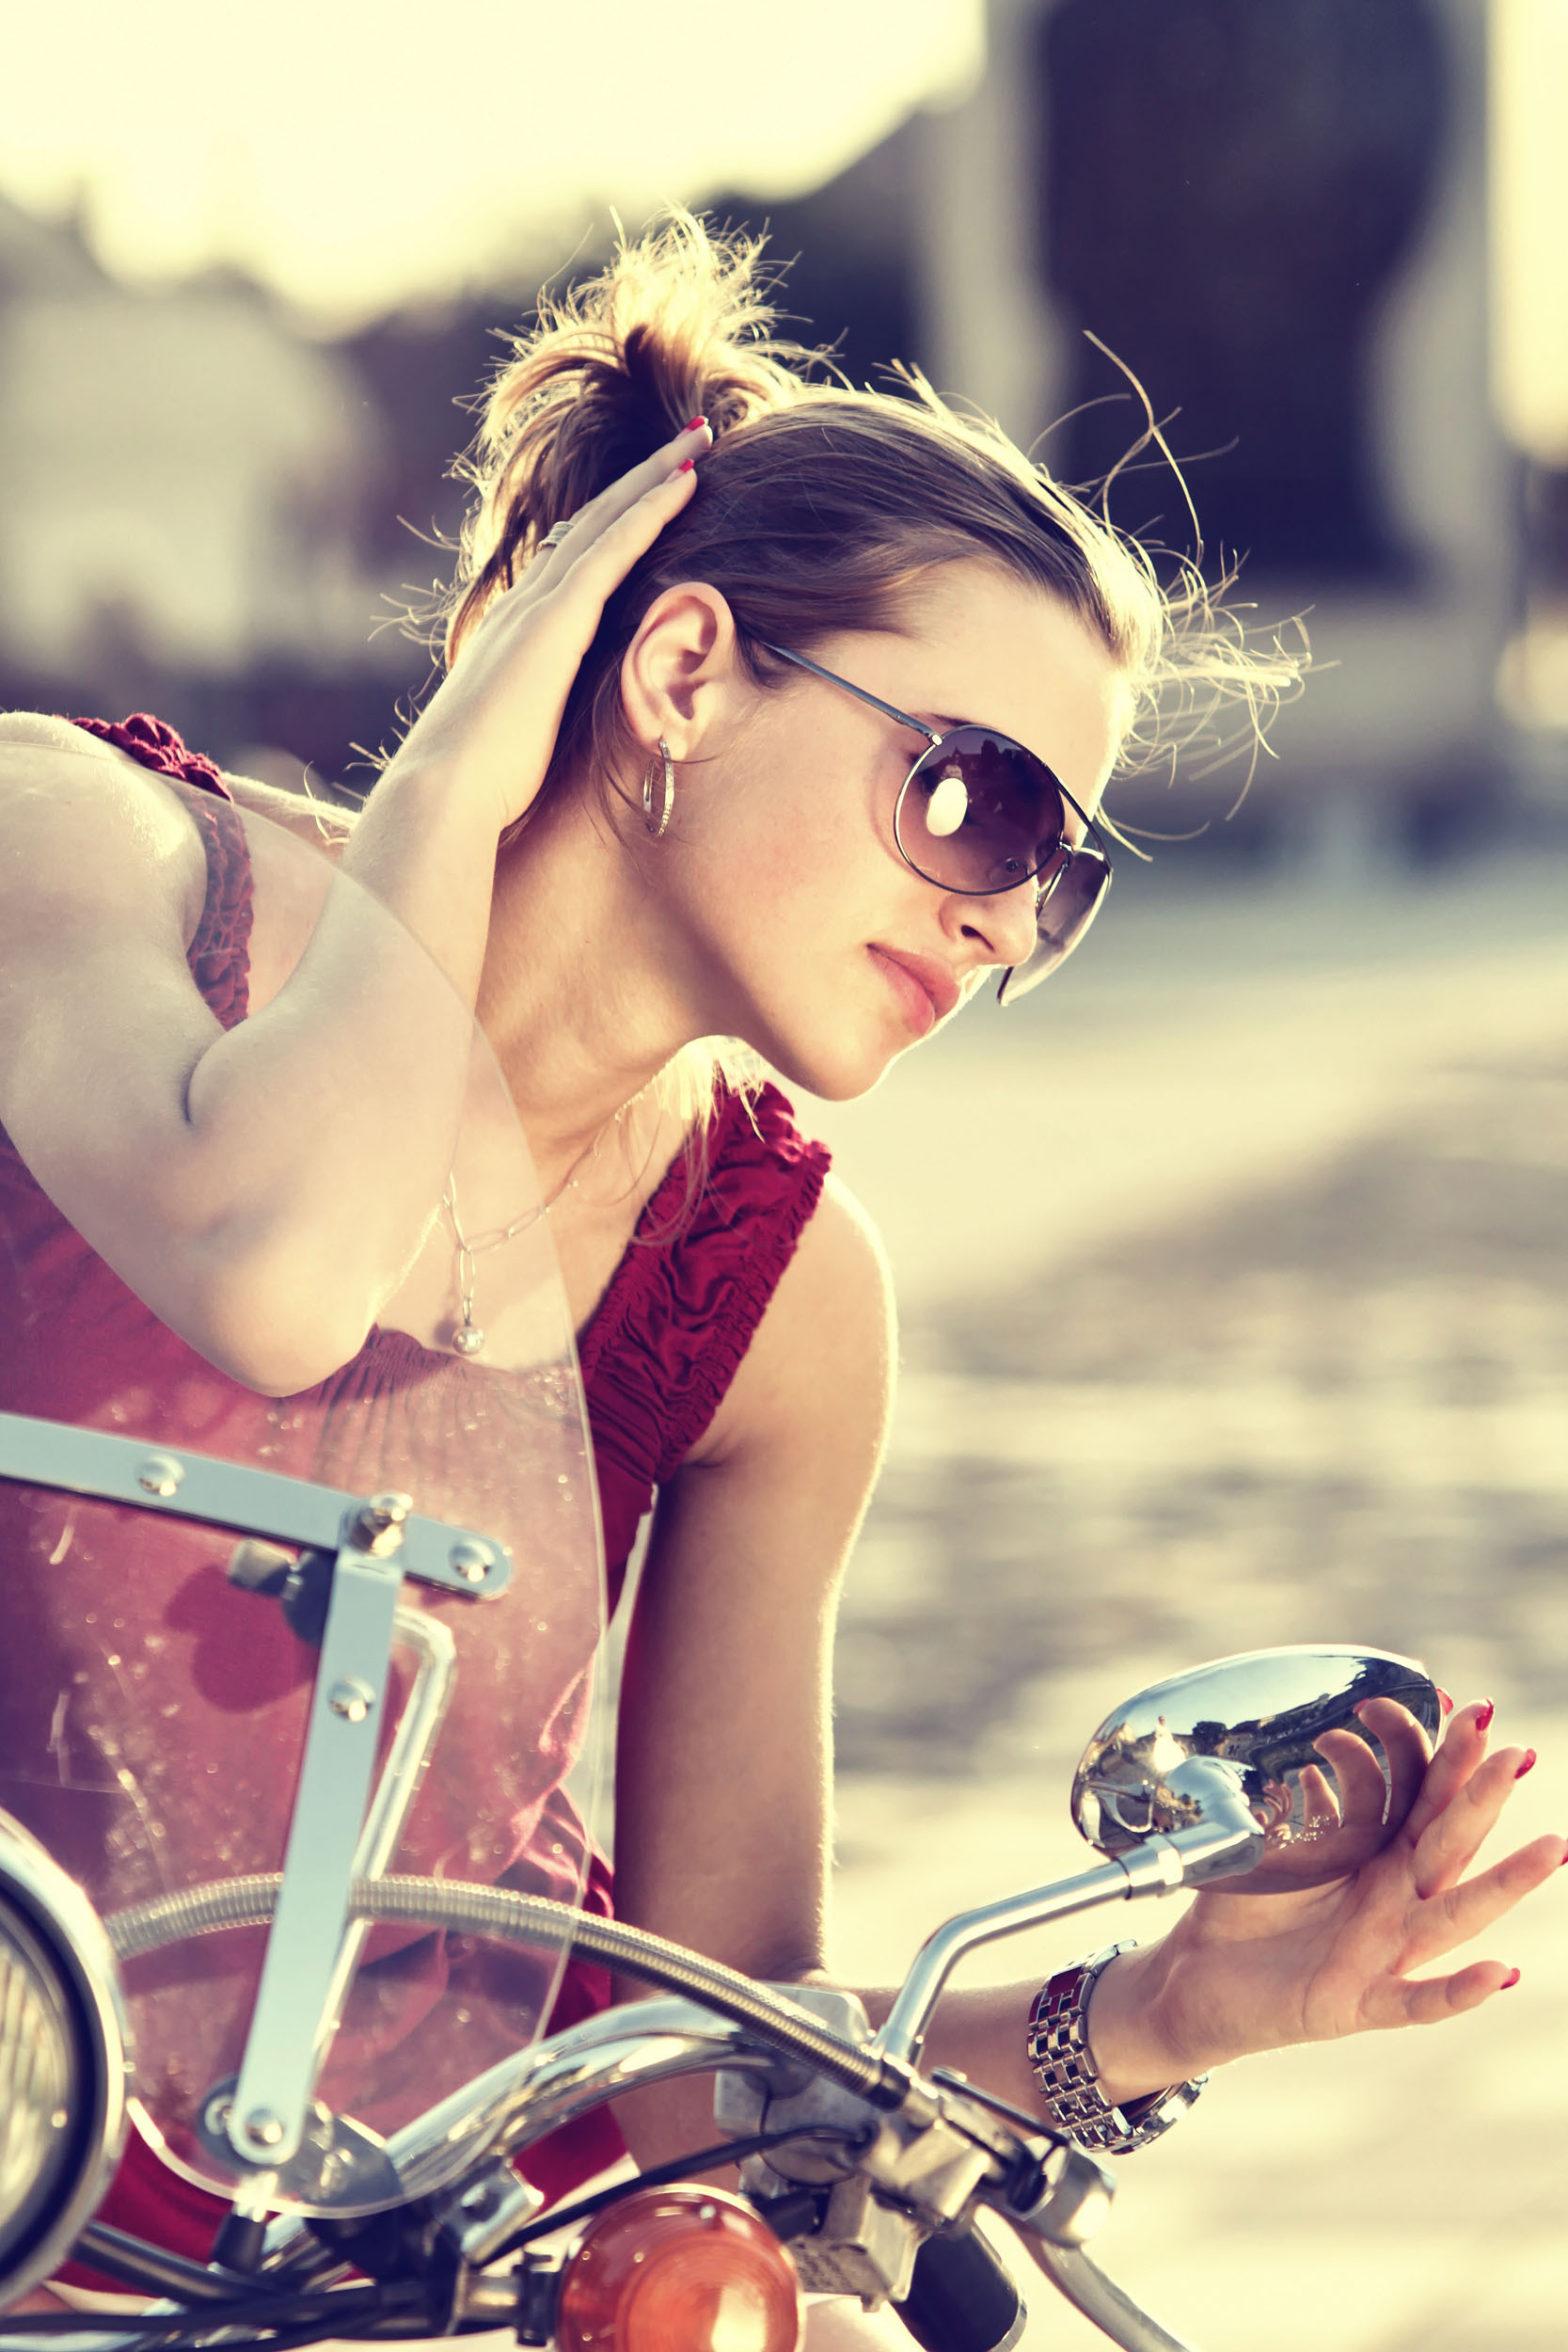 Das Sparpotenzial bei der Motorradversicherung beträgt je nach Modell bis über tausend Euro.